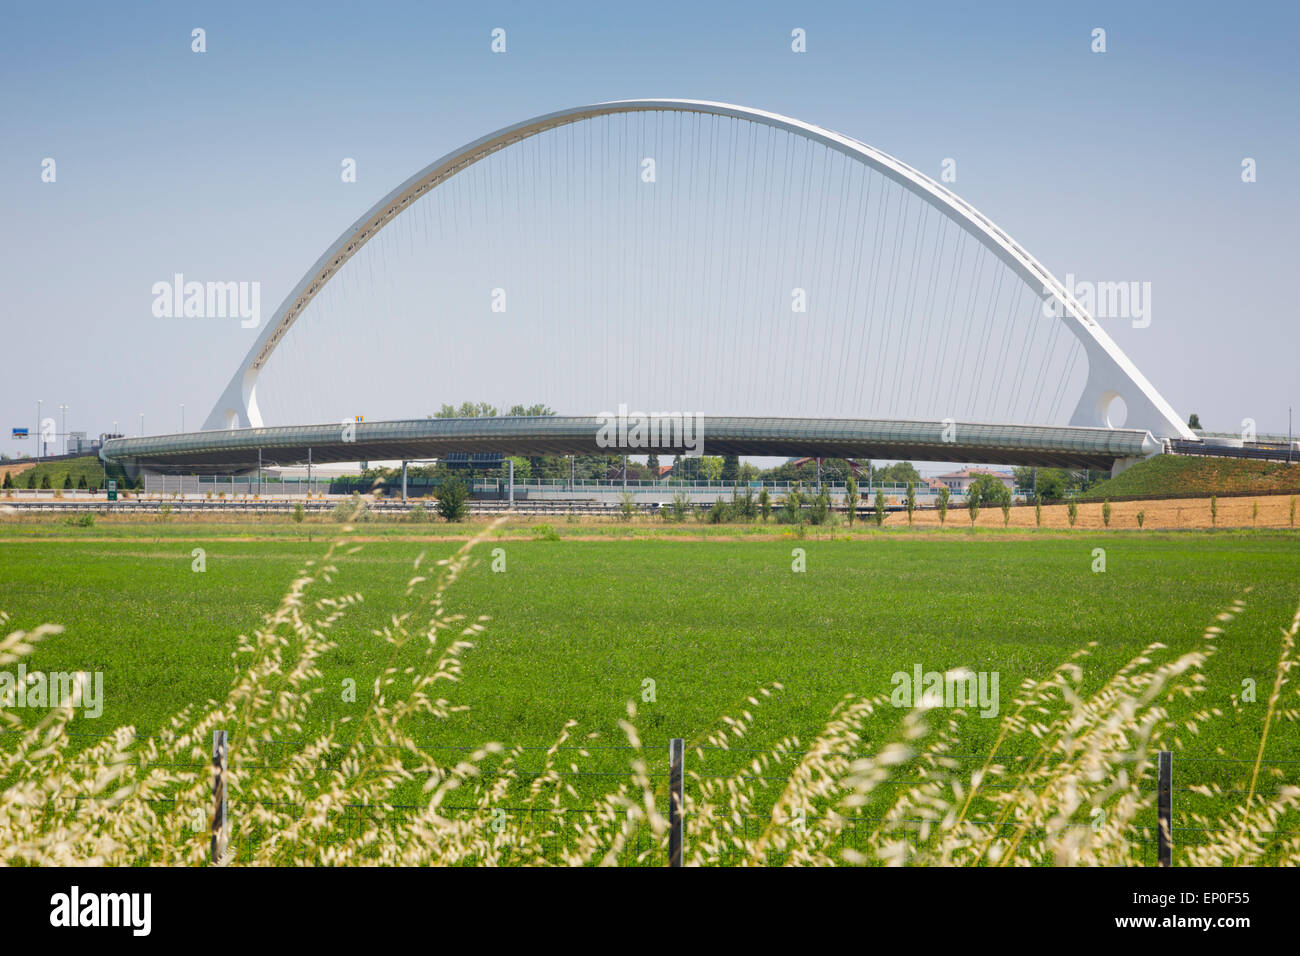 Reggio Emilia, Emilia Romaña, Italia. Puente diseñado por el arquitecto español Santiago Calatrava Imagen De Stock